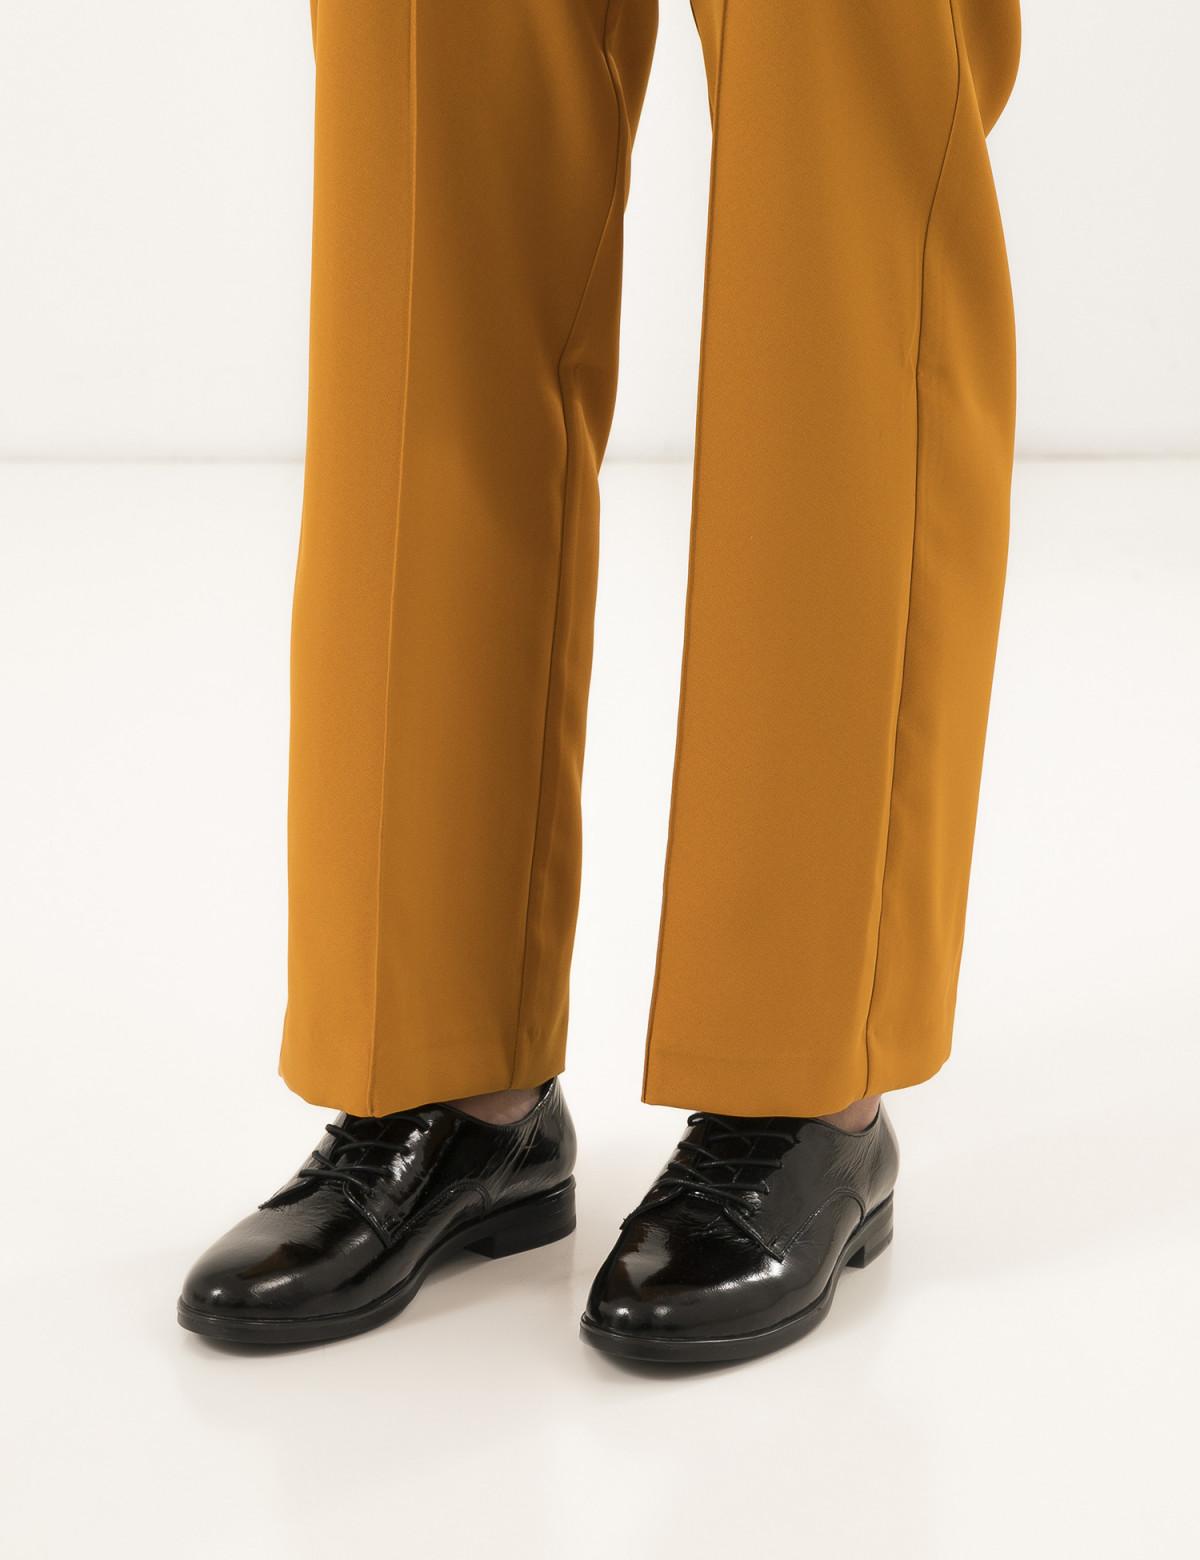 Туфли черные лакированные, натуральная кожа5